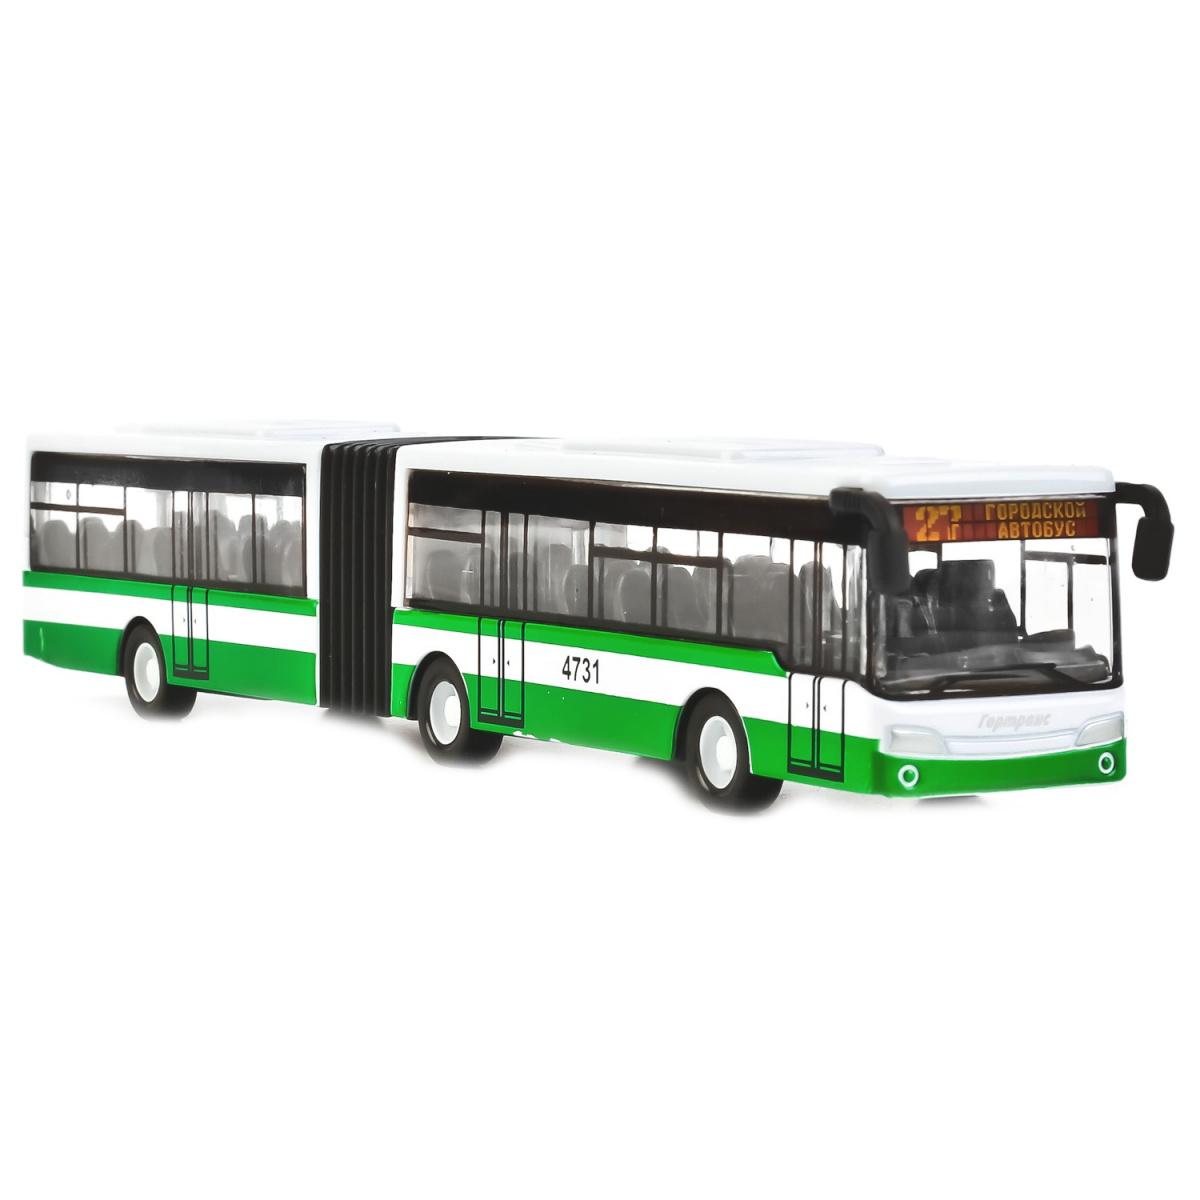 Купить Металлический инерционный автобус с гармошкой, Технопарк